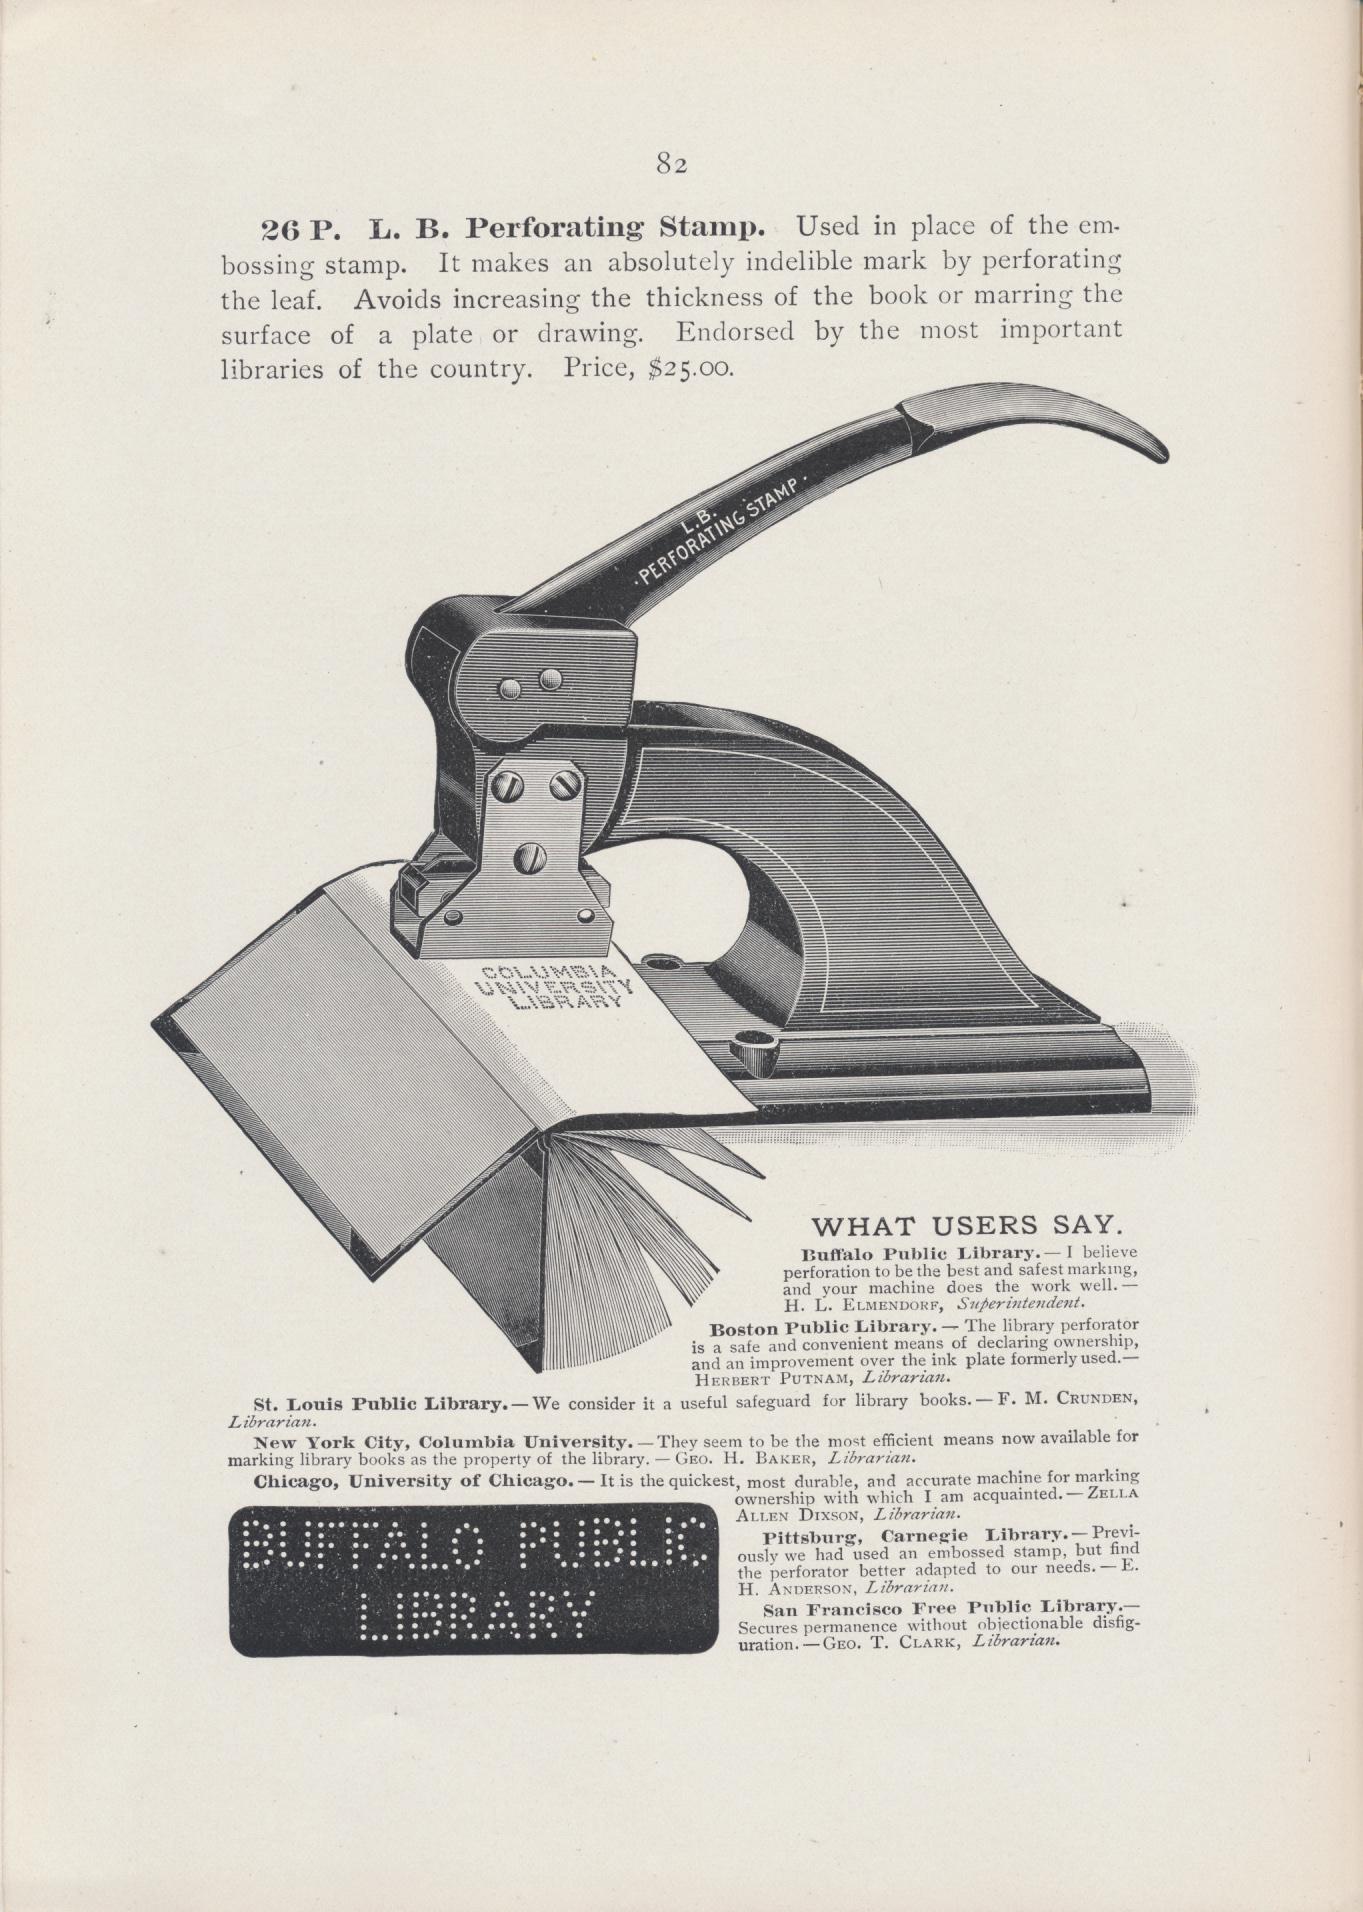 Perforating Stamp